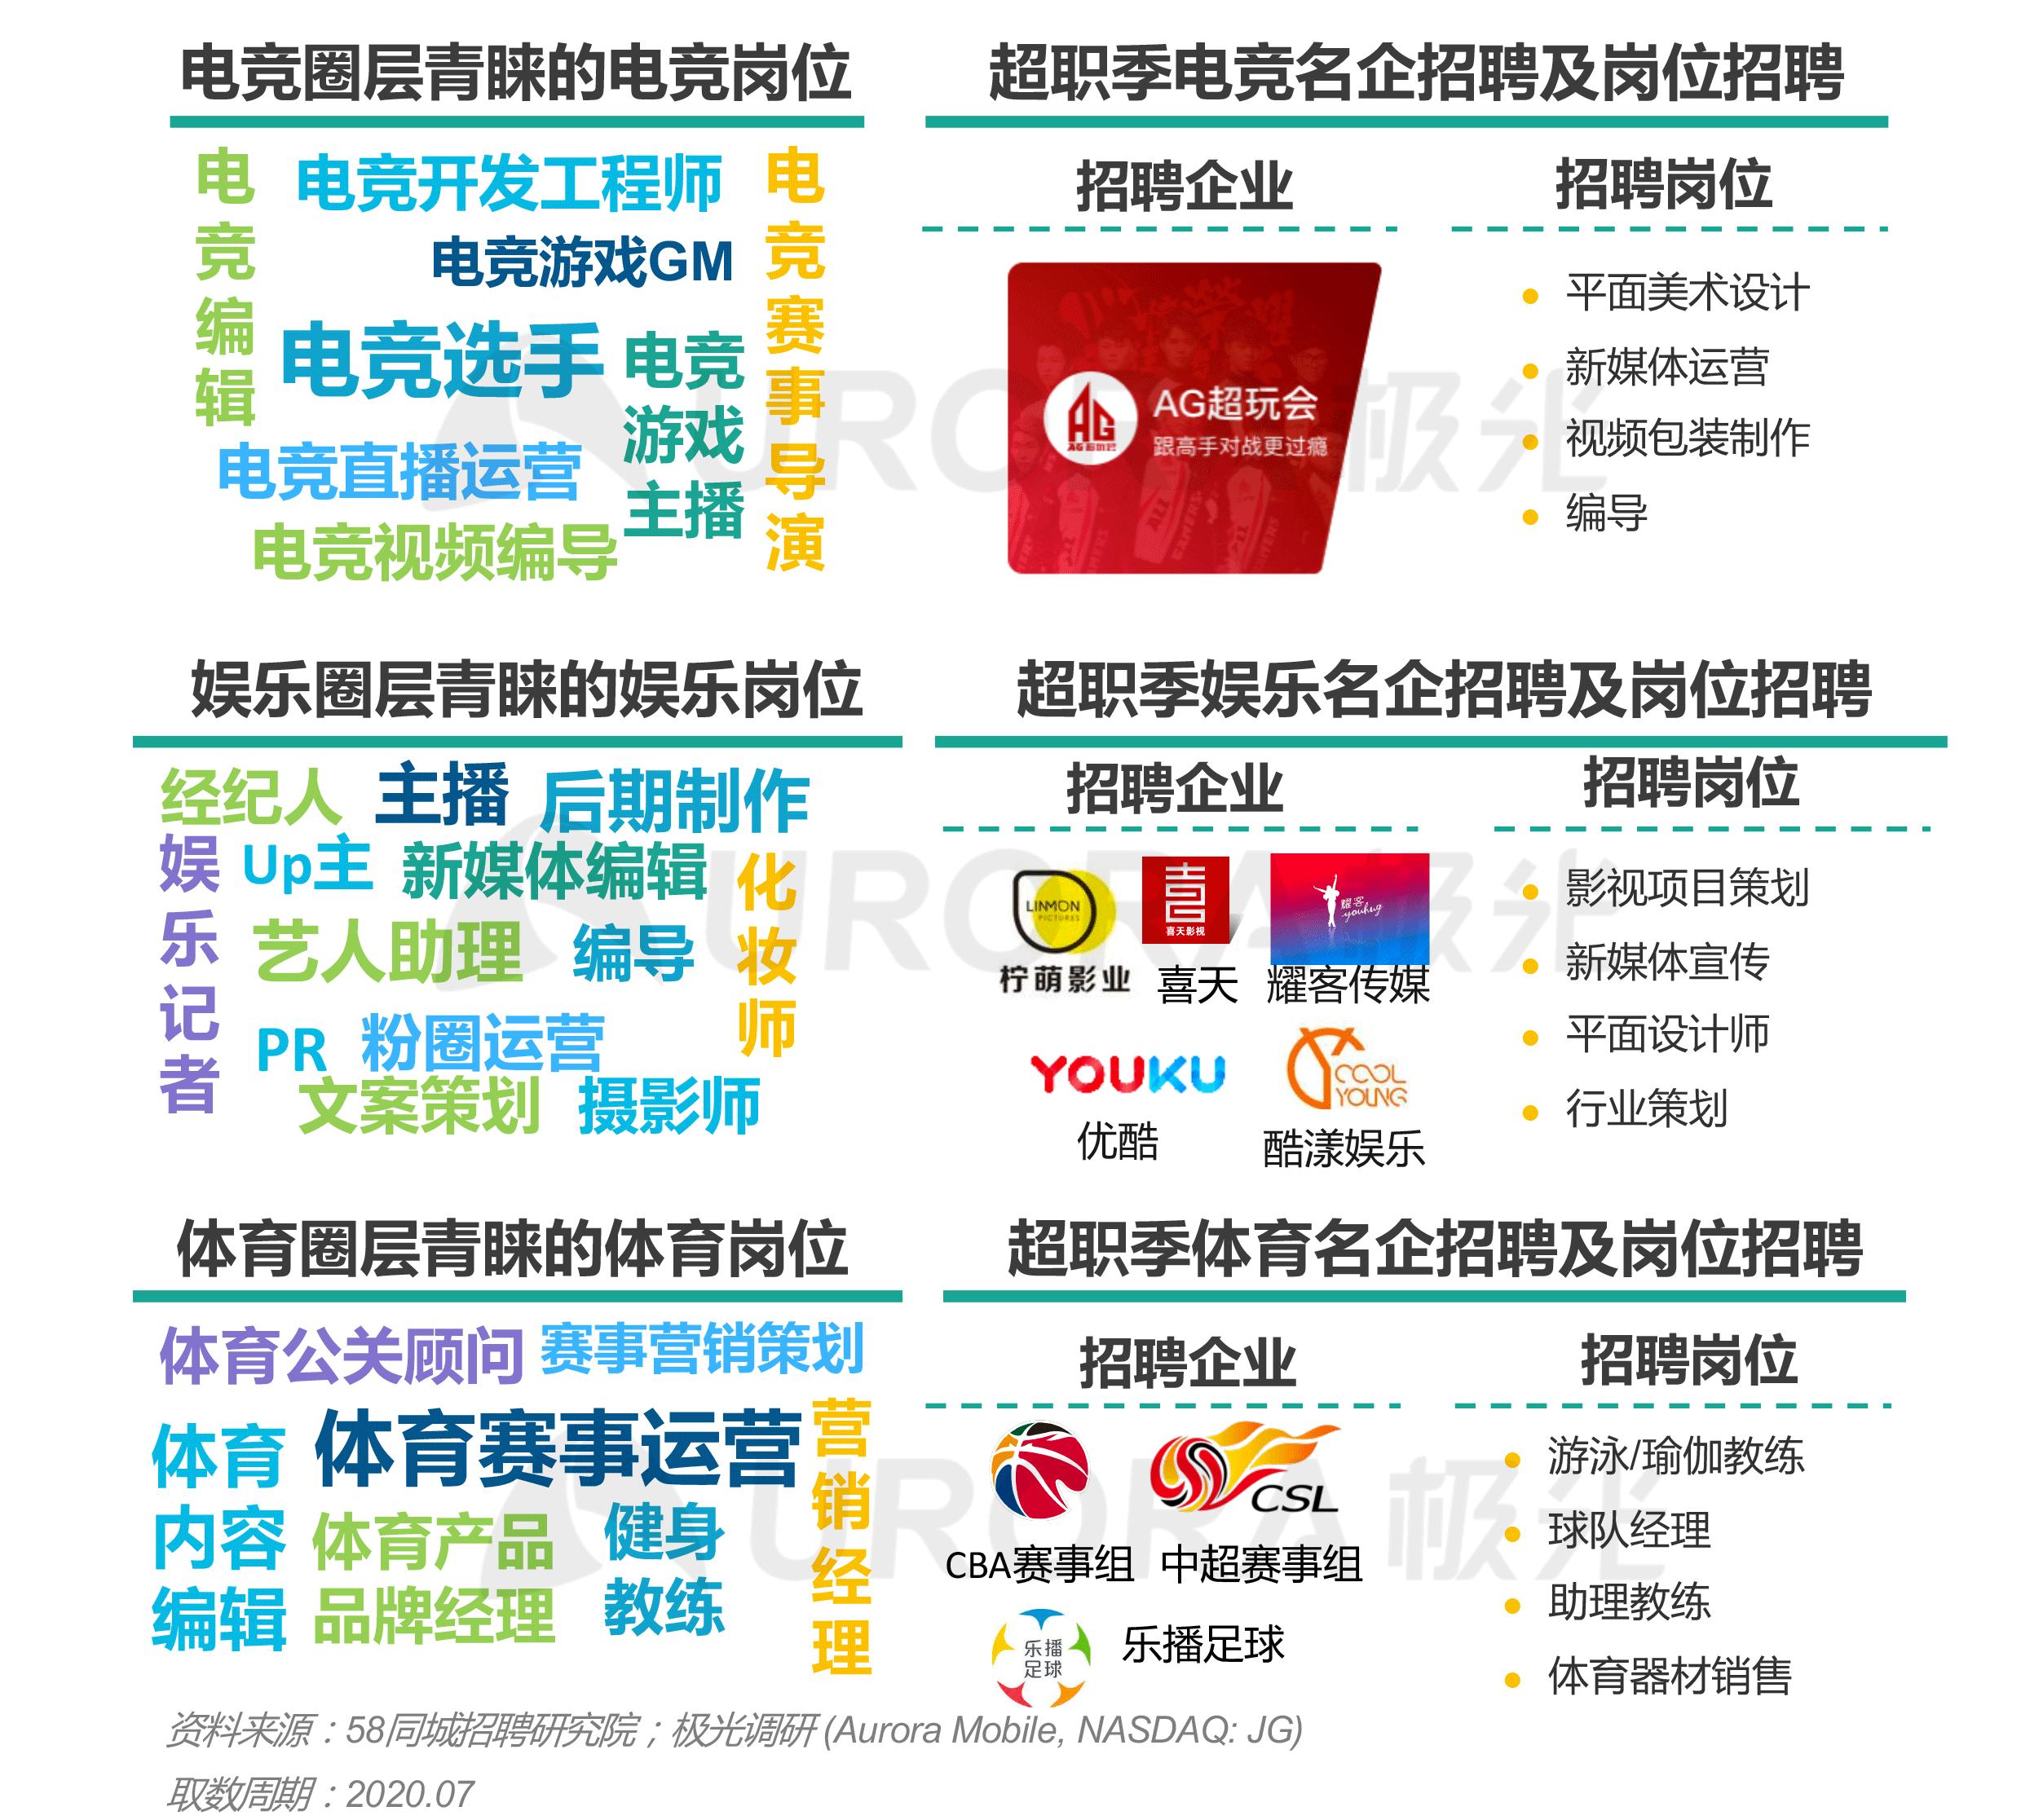 """""""超职季""""招聘行业报告-汇总版 (27).png"""